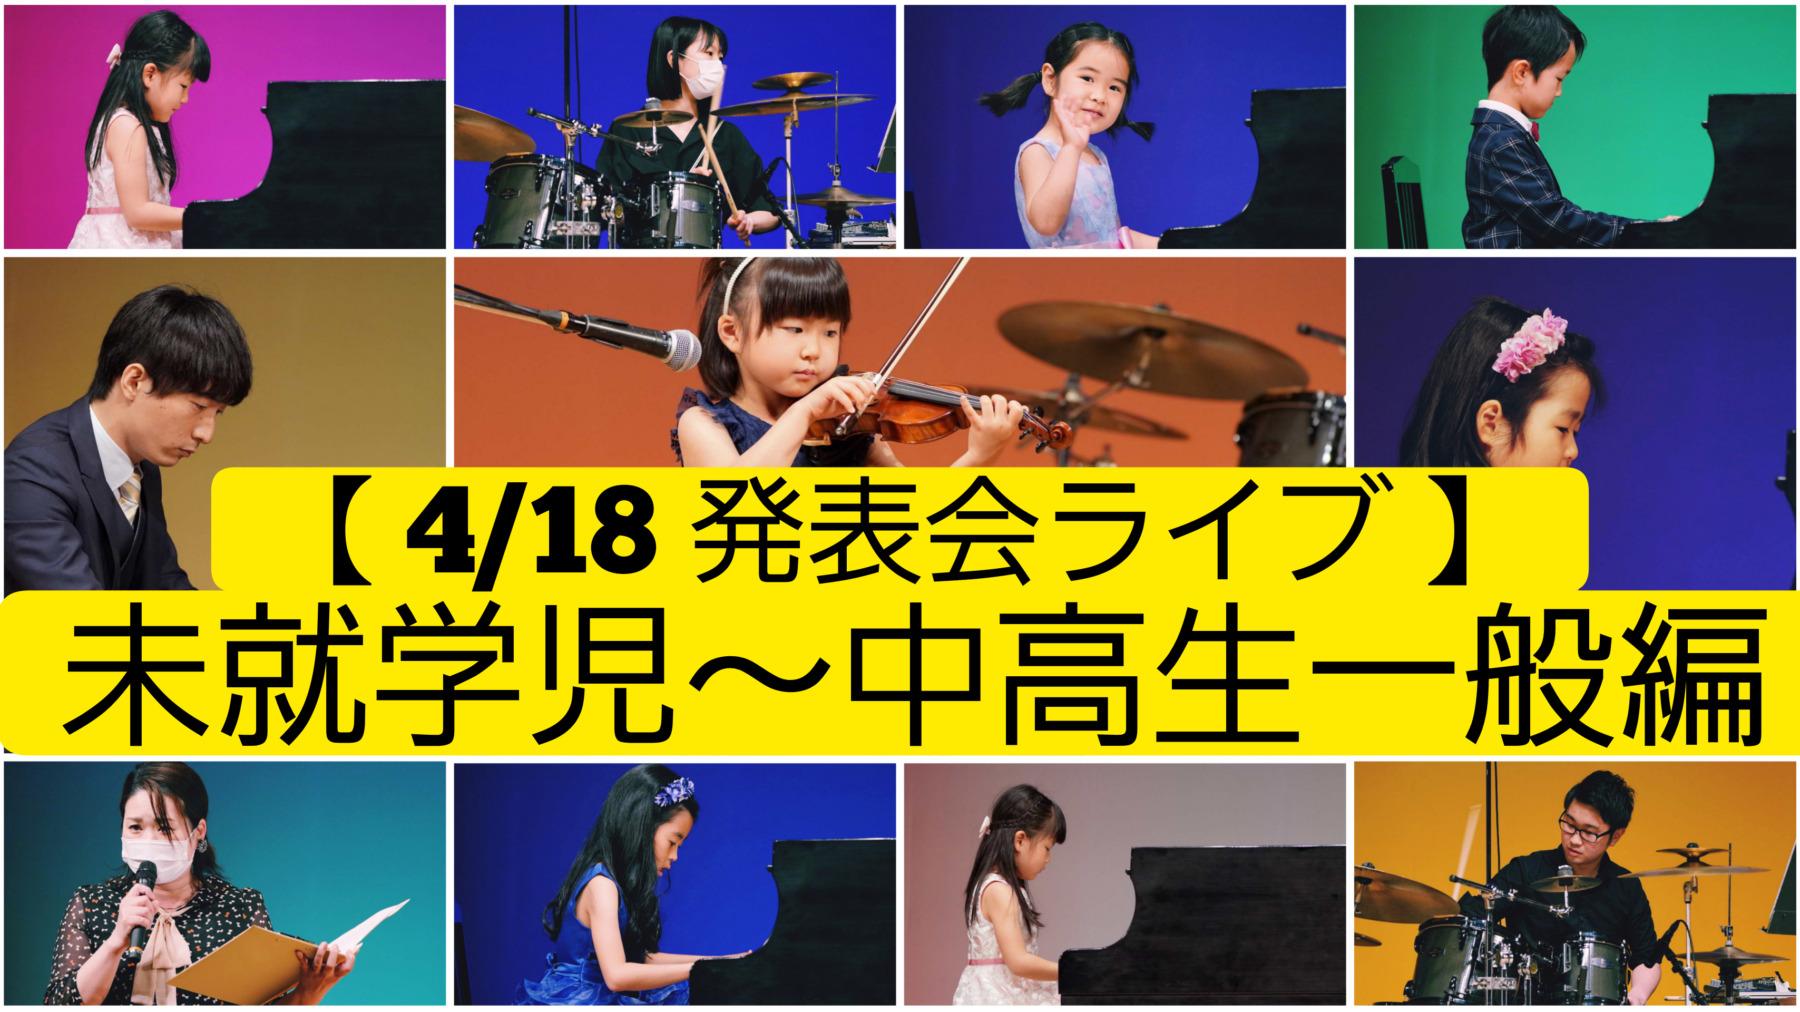 その③【4/18 未就学児~大人編】発表会ライブ2021の様子